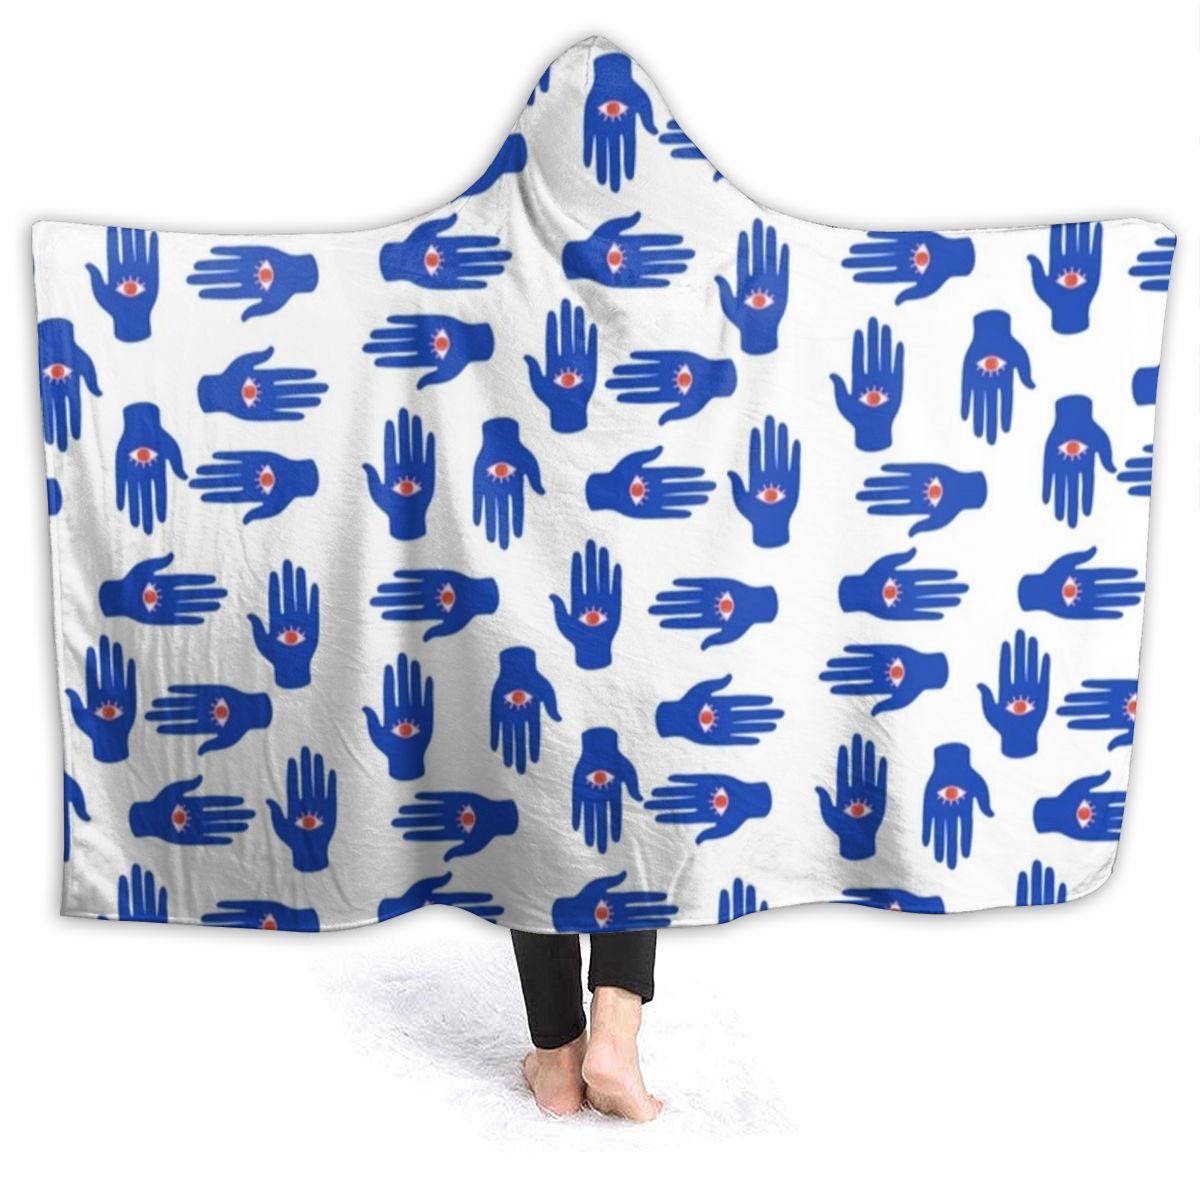 يد فاطمة بطانية الصوف في الهواء الطلق مع غطاء محرك السيارة بطانية سوبر لينة رخيصة المفرش الفاخرة